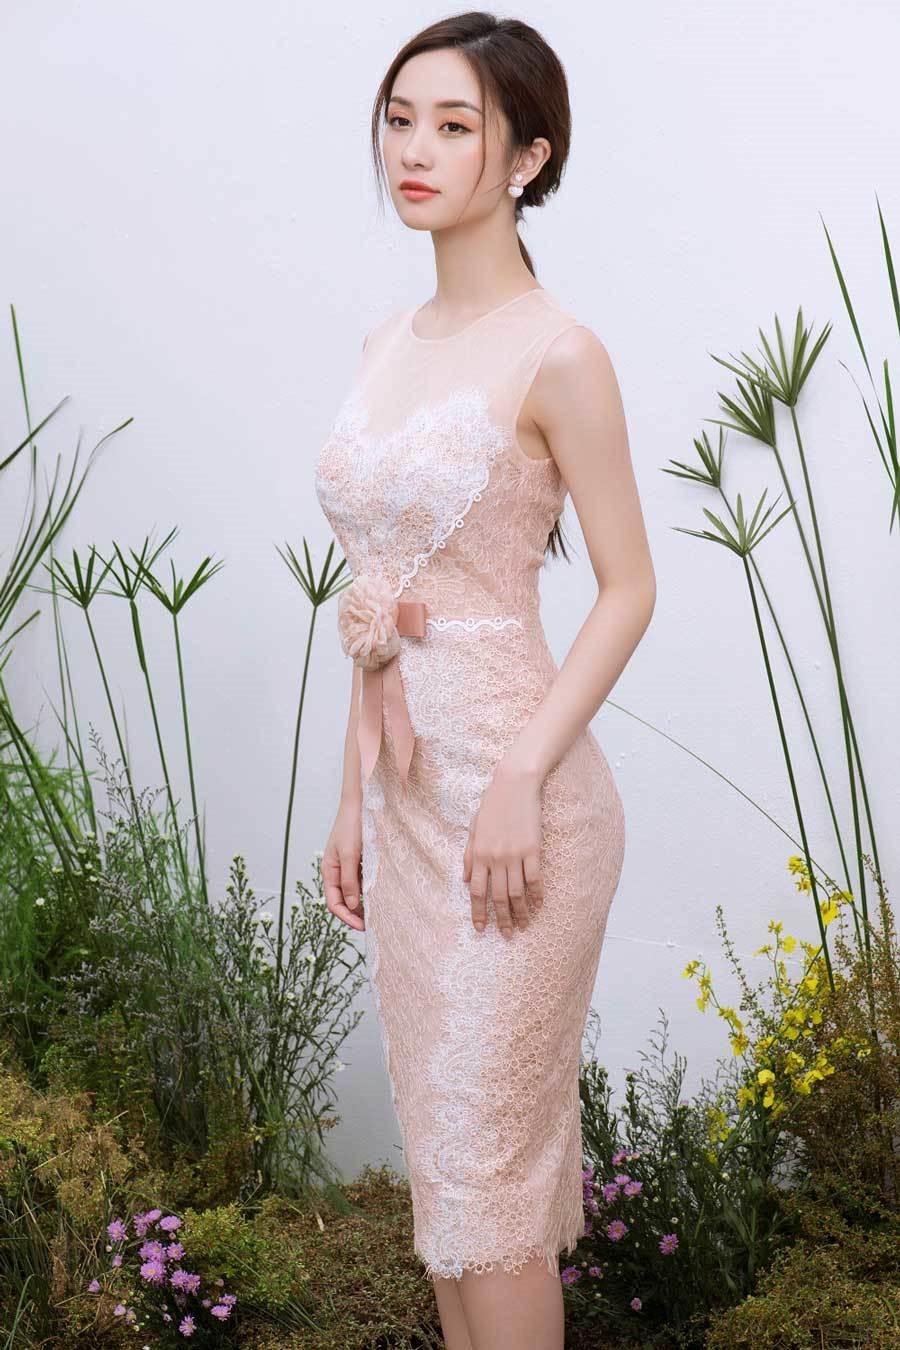 Guu thời trang đẹp tinh khôi của người đẹp Jun Vũ Ảnh 3